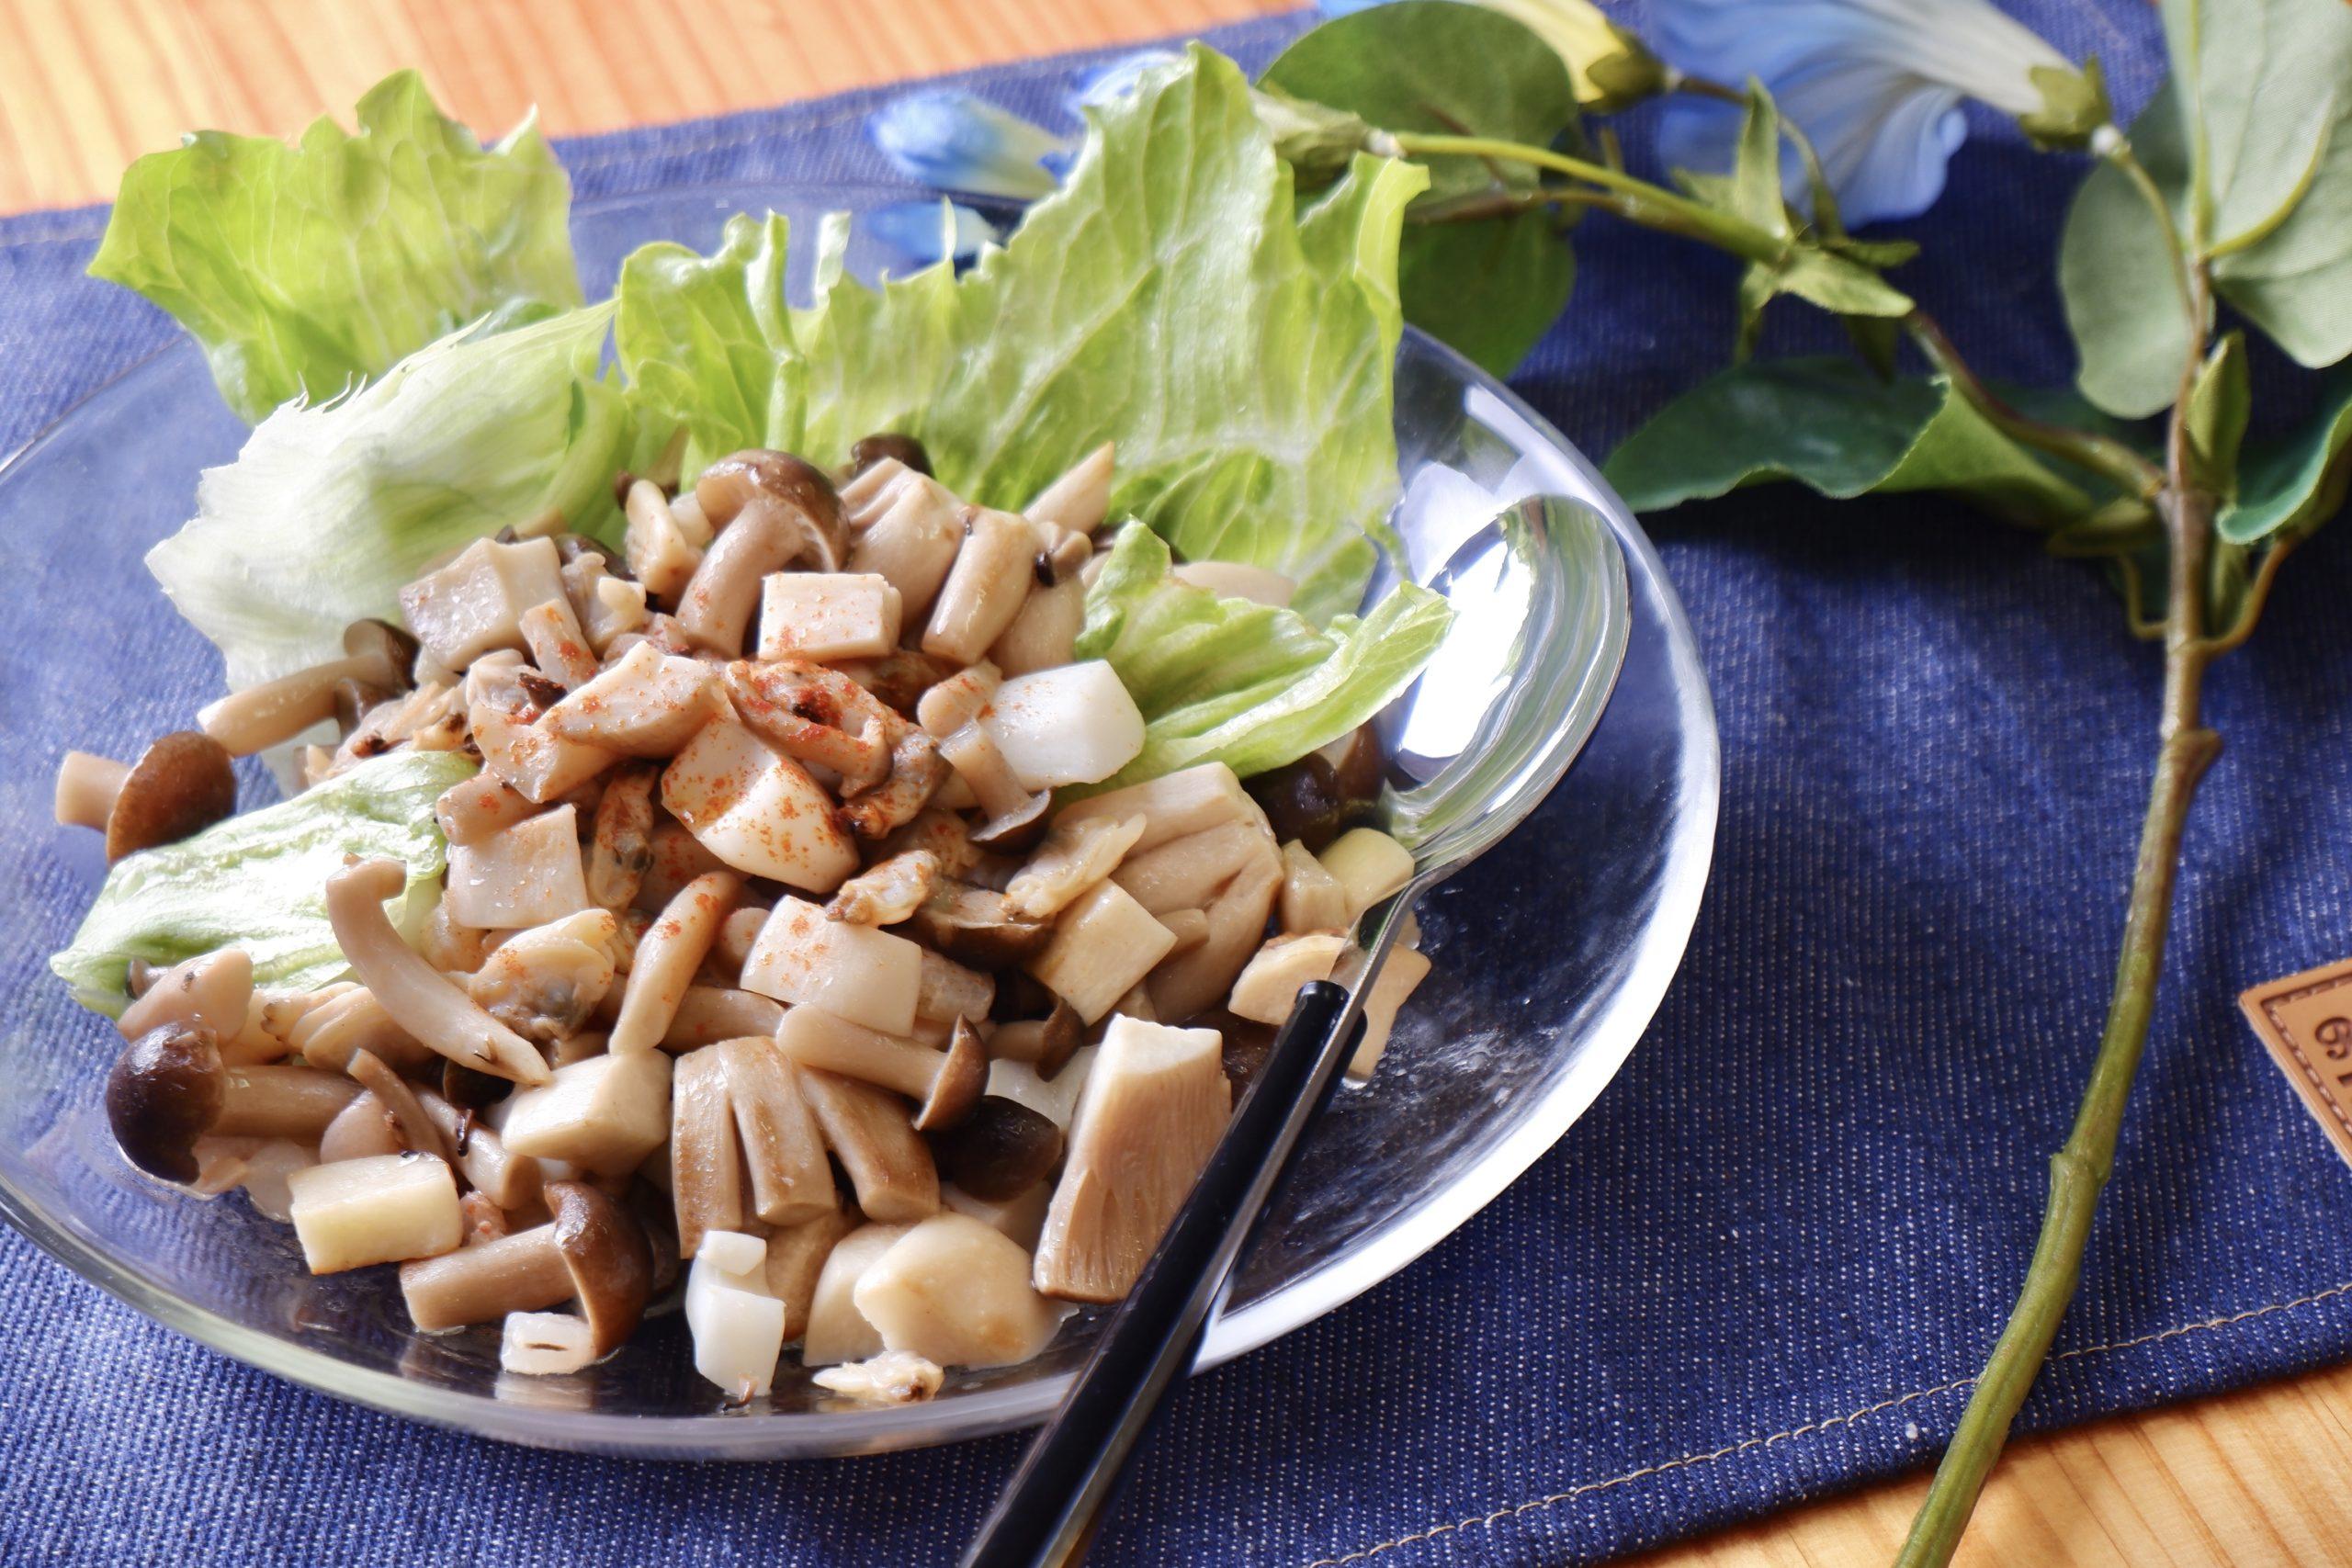 キノコとシーフードミックスのダイエットレシピ